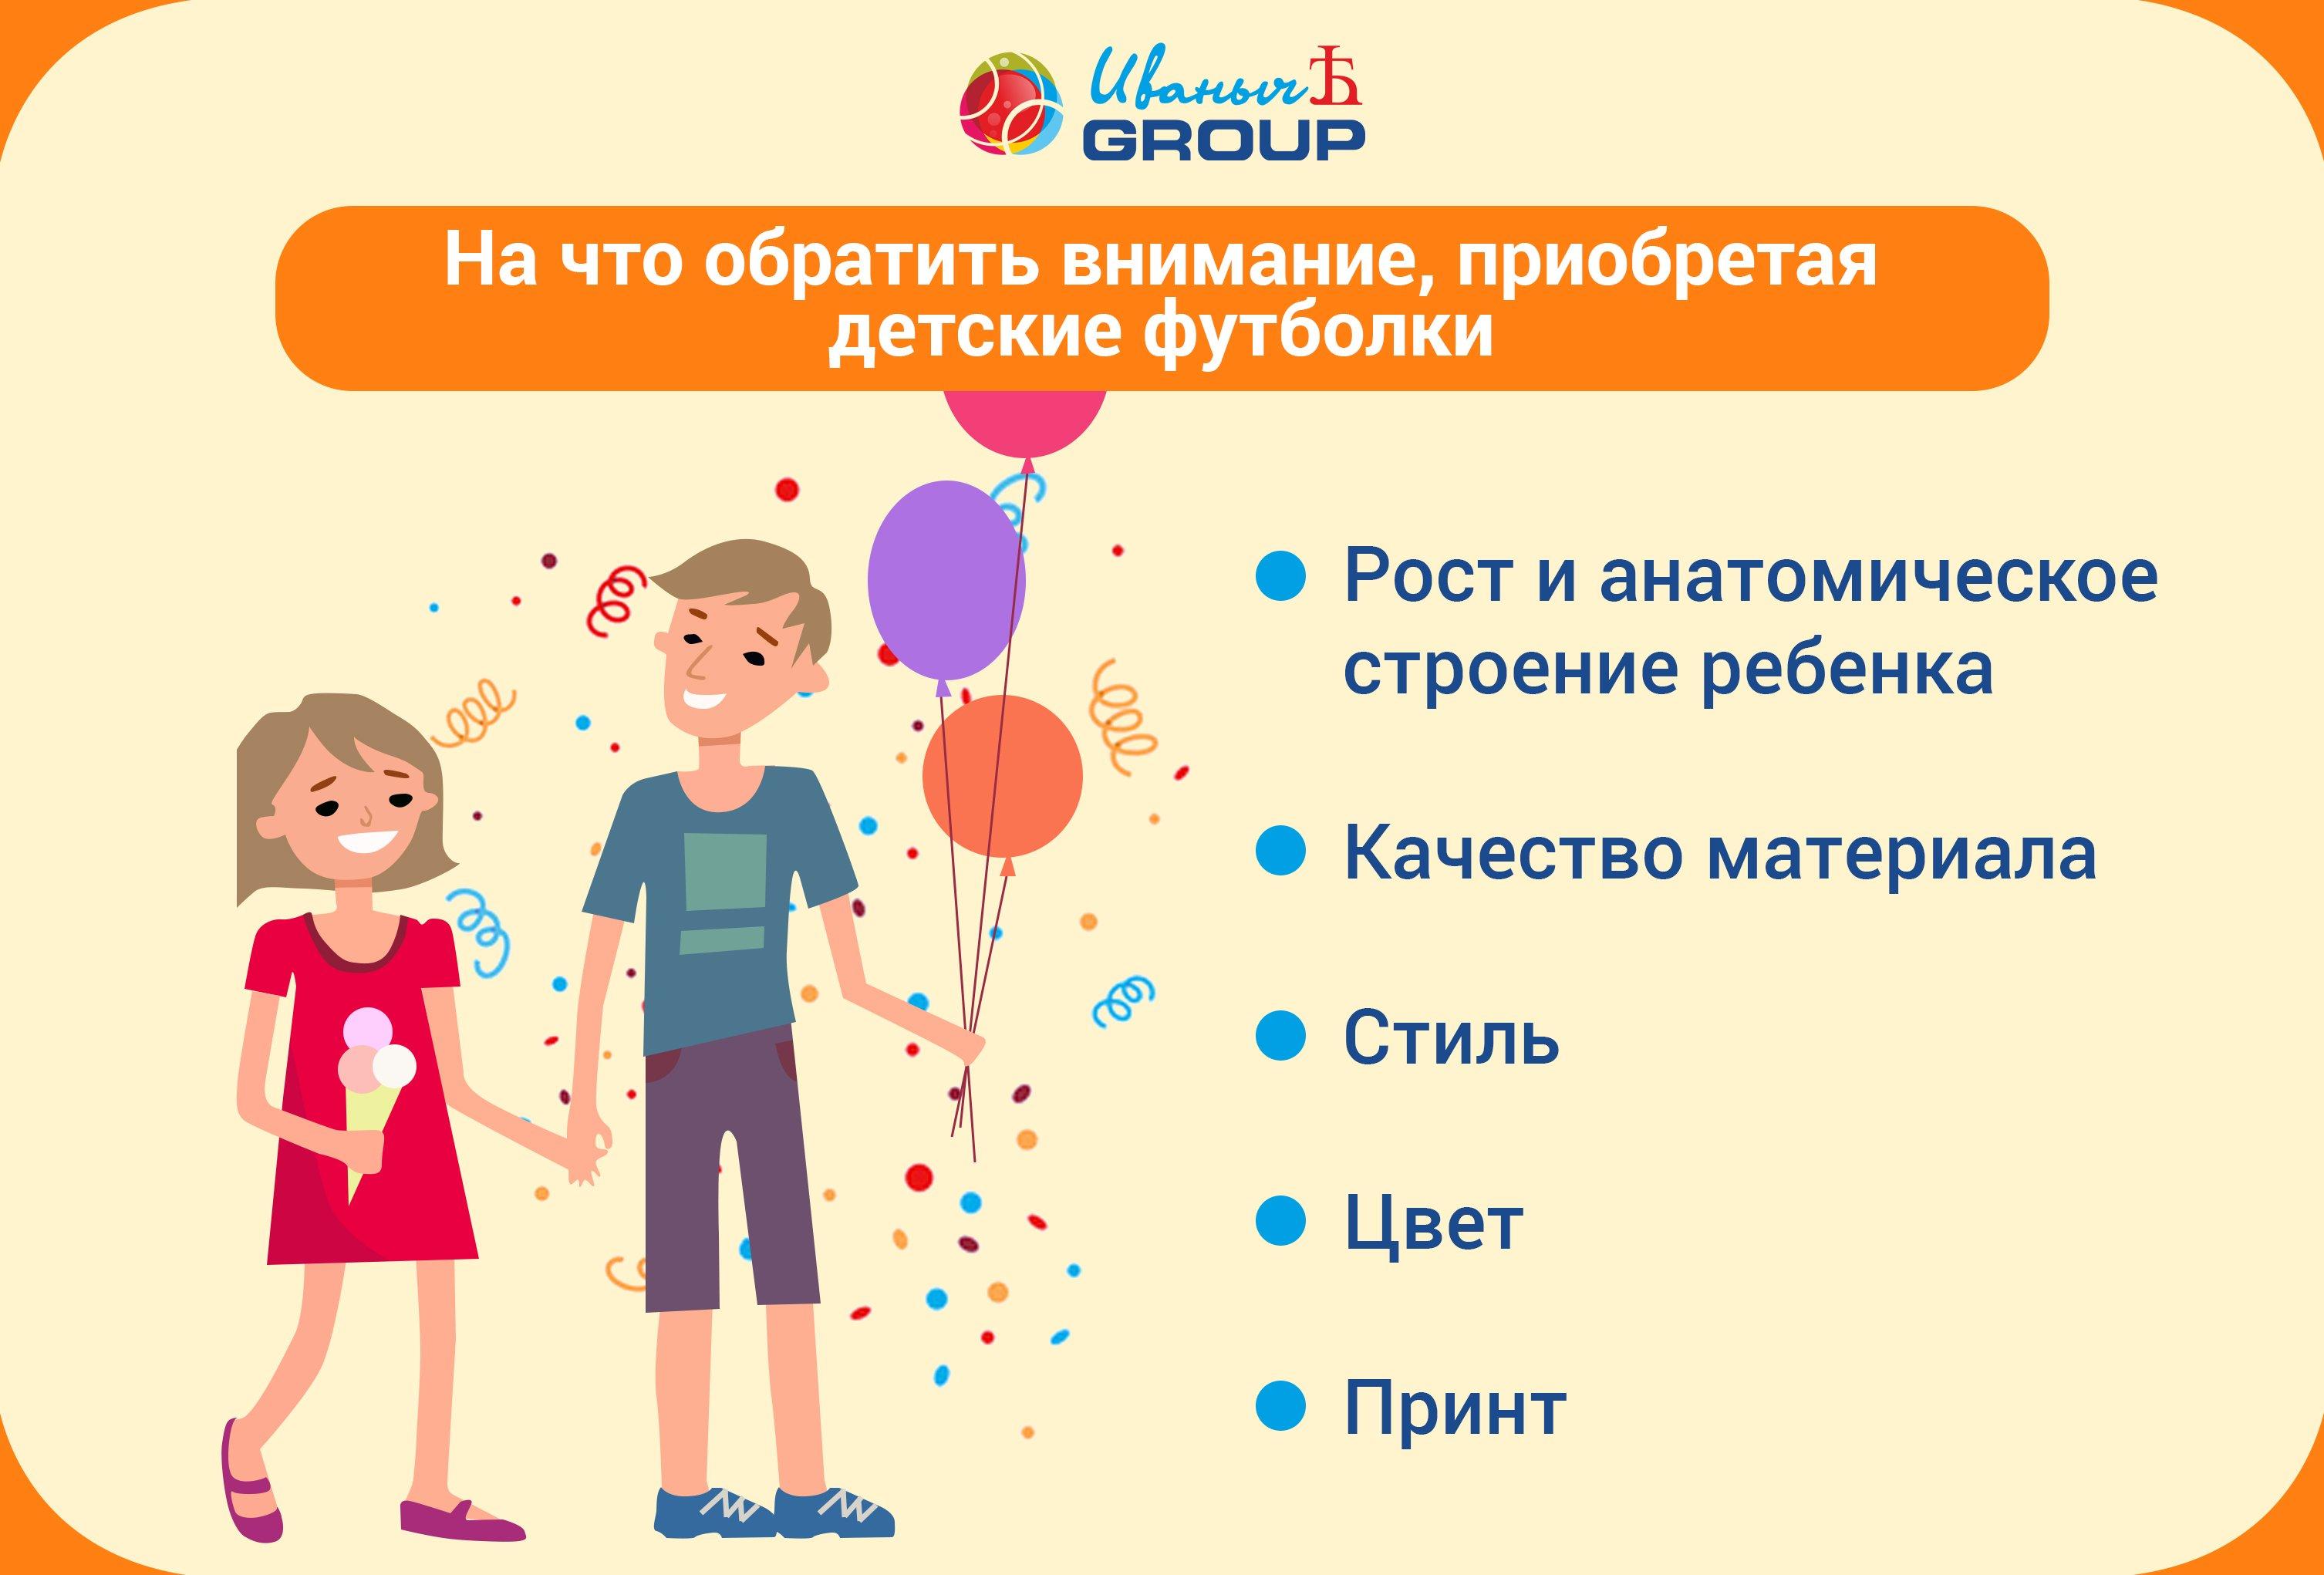 Детские футболки: несколько советов по выбору